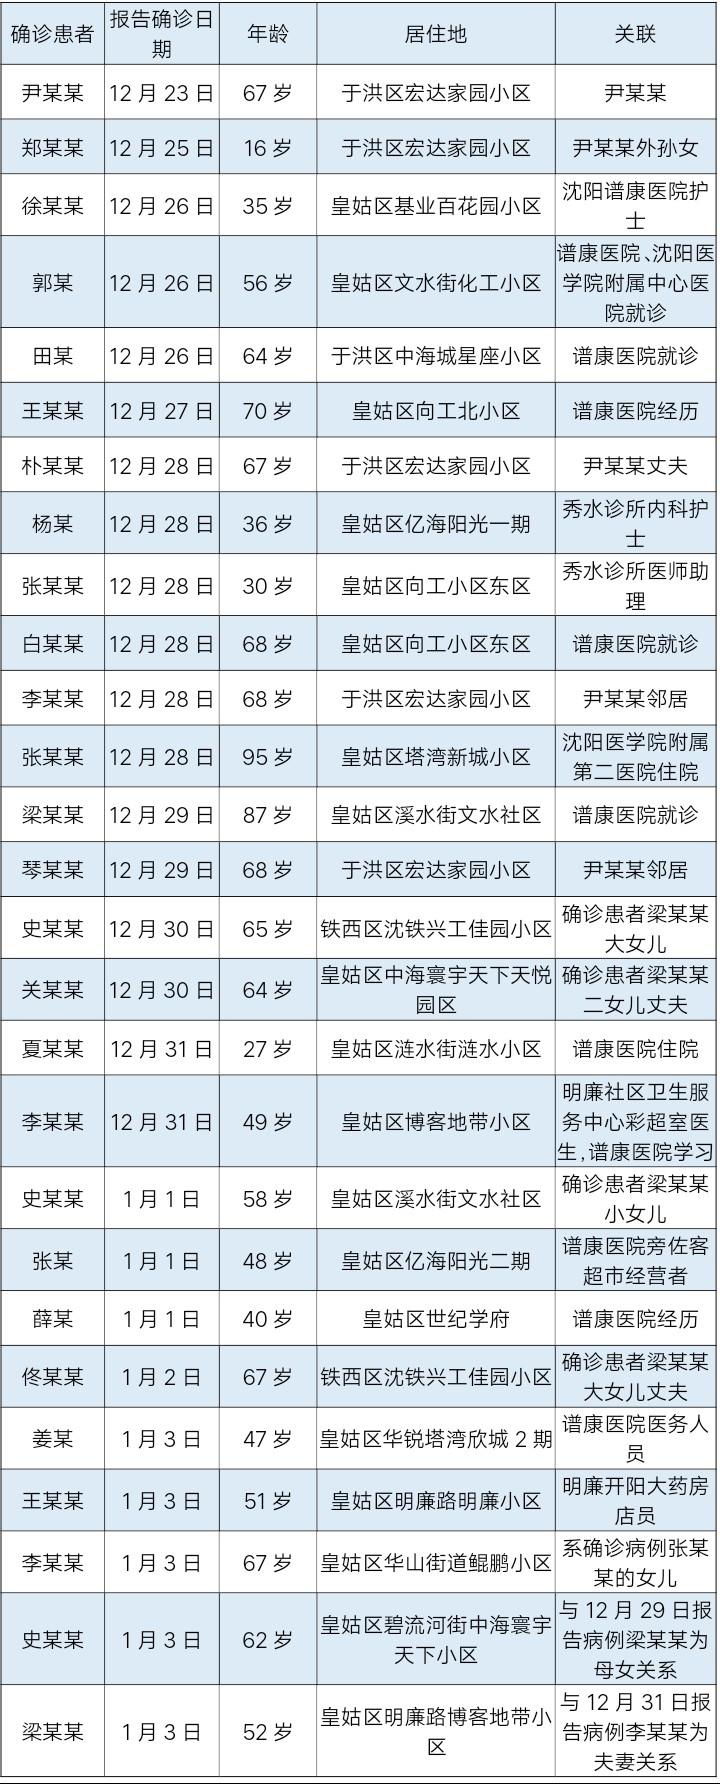 沈阳疫情1传27 首例确诊者轨迹公布